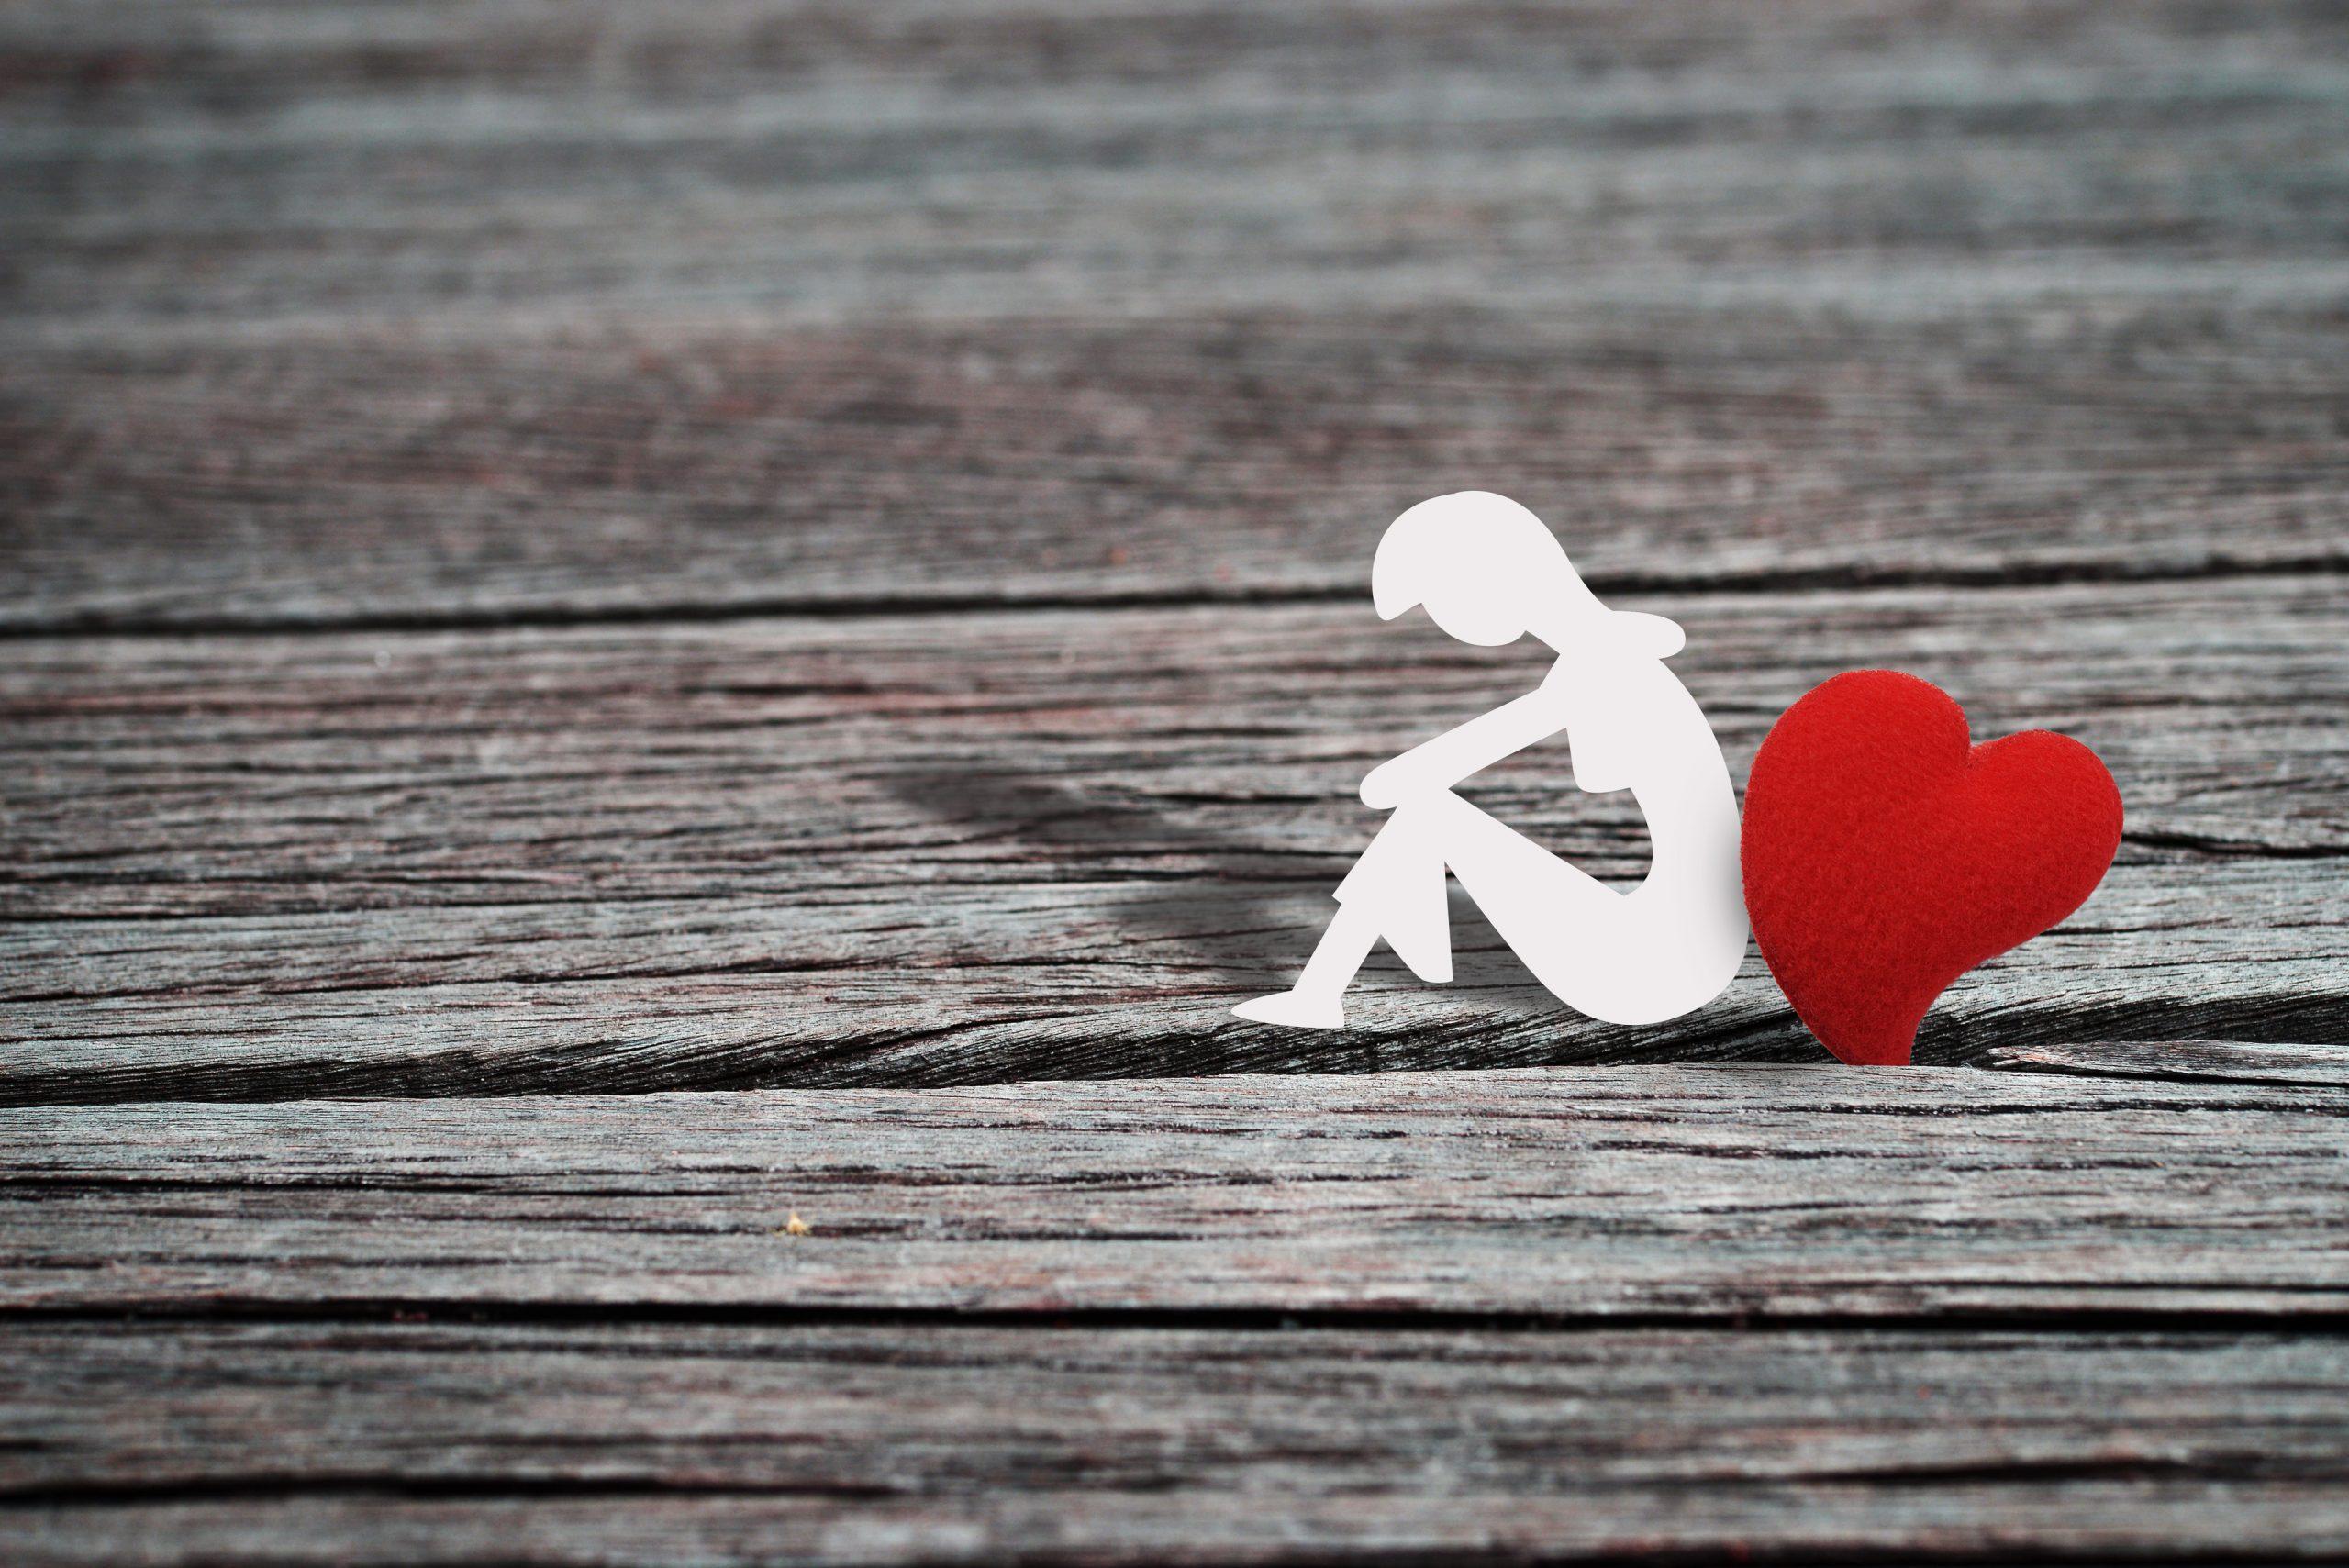 彼の『本心』を占います!|今、彼が私に望んでいるのは……恋人?それともただの友達?